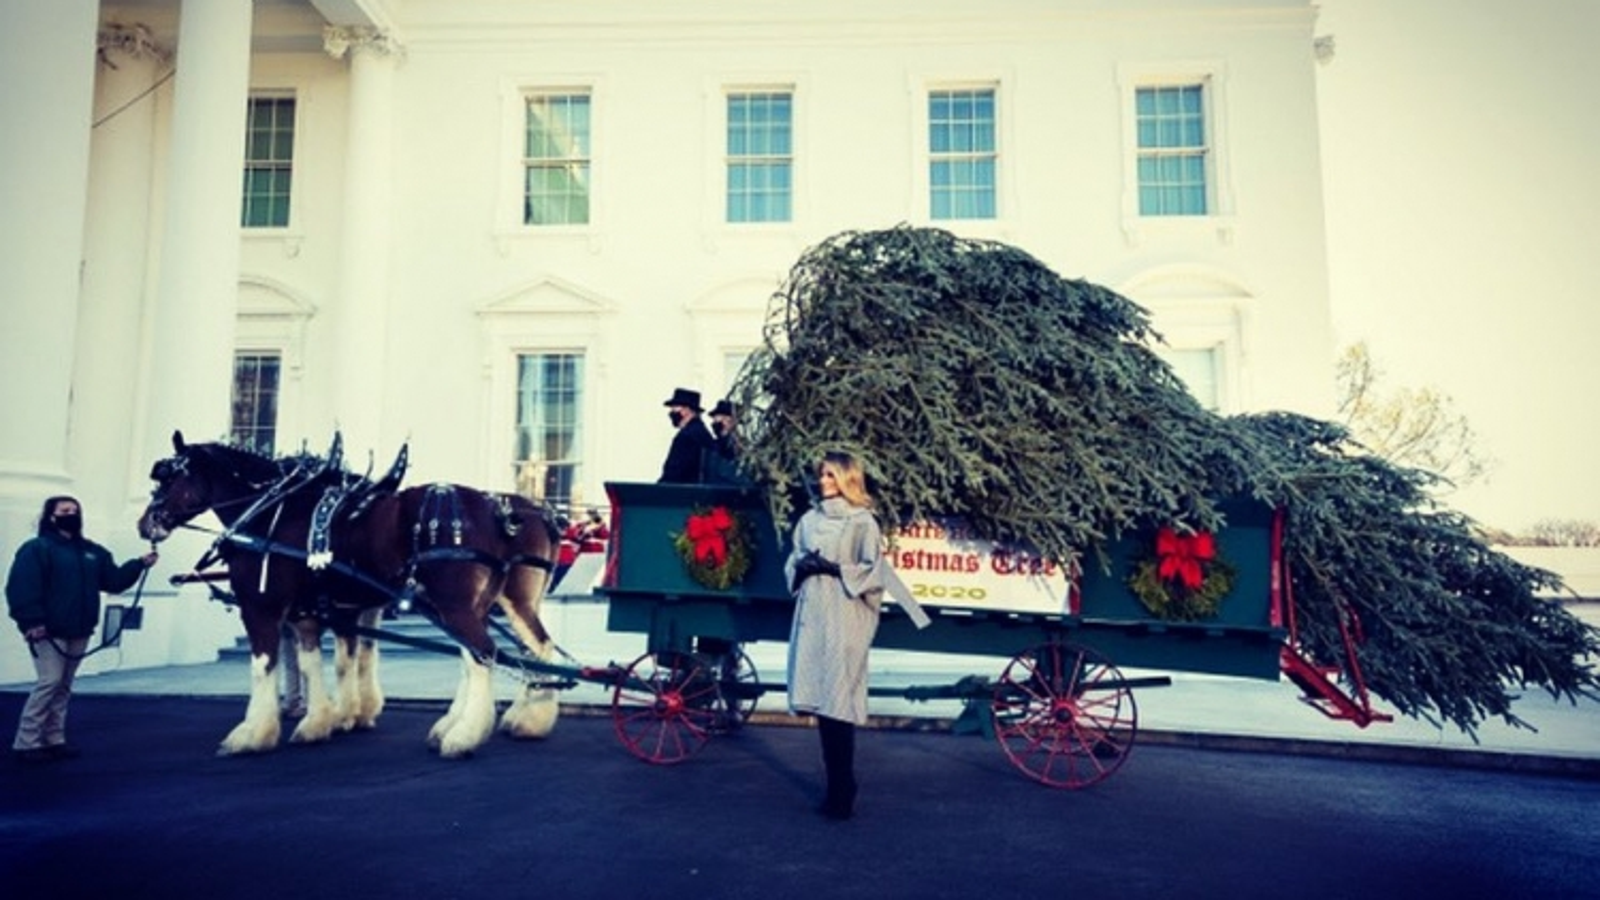 Đệ nhất phu nhân Melania đón cây thông Noel tới Nhà Trắng